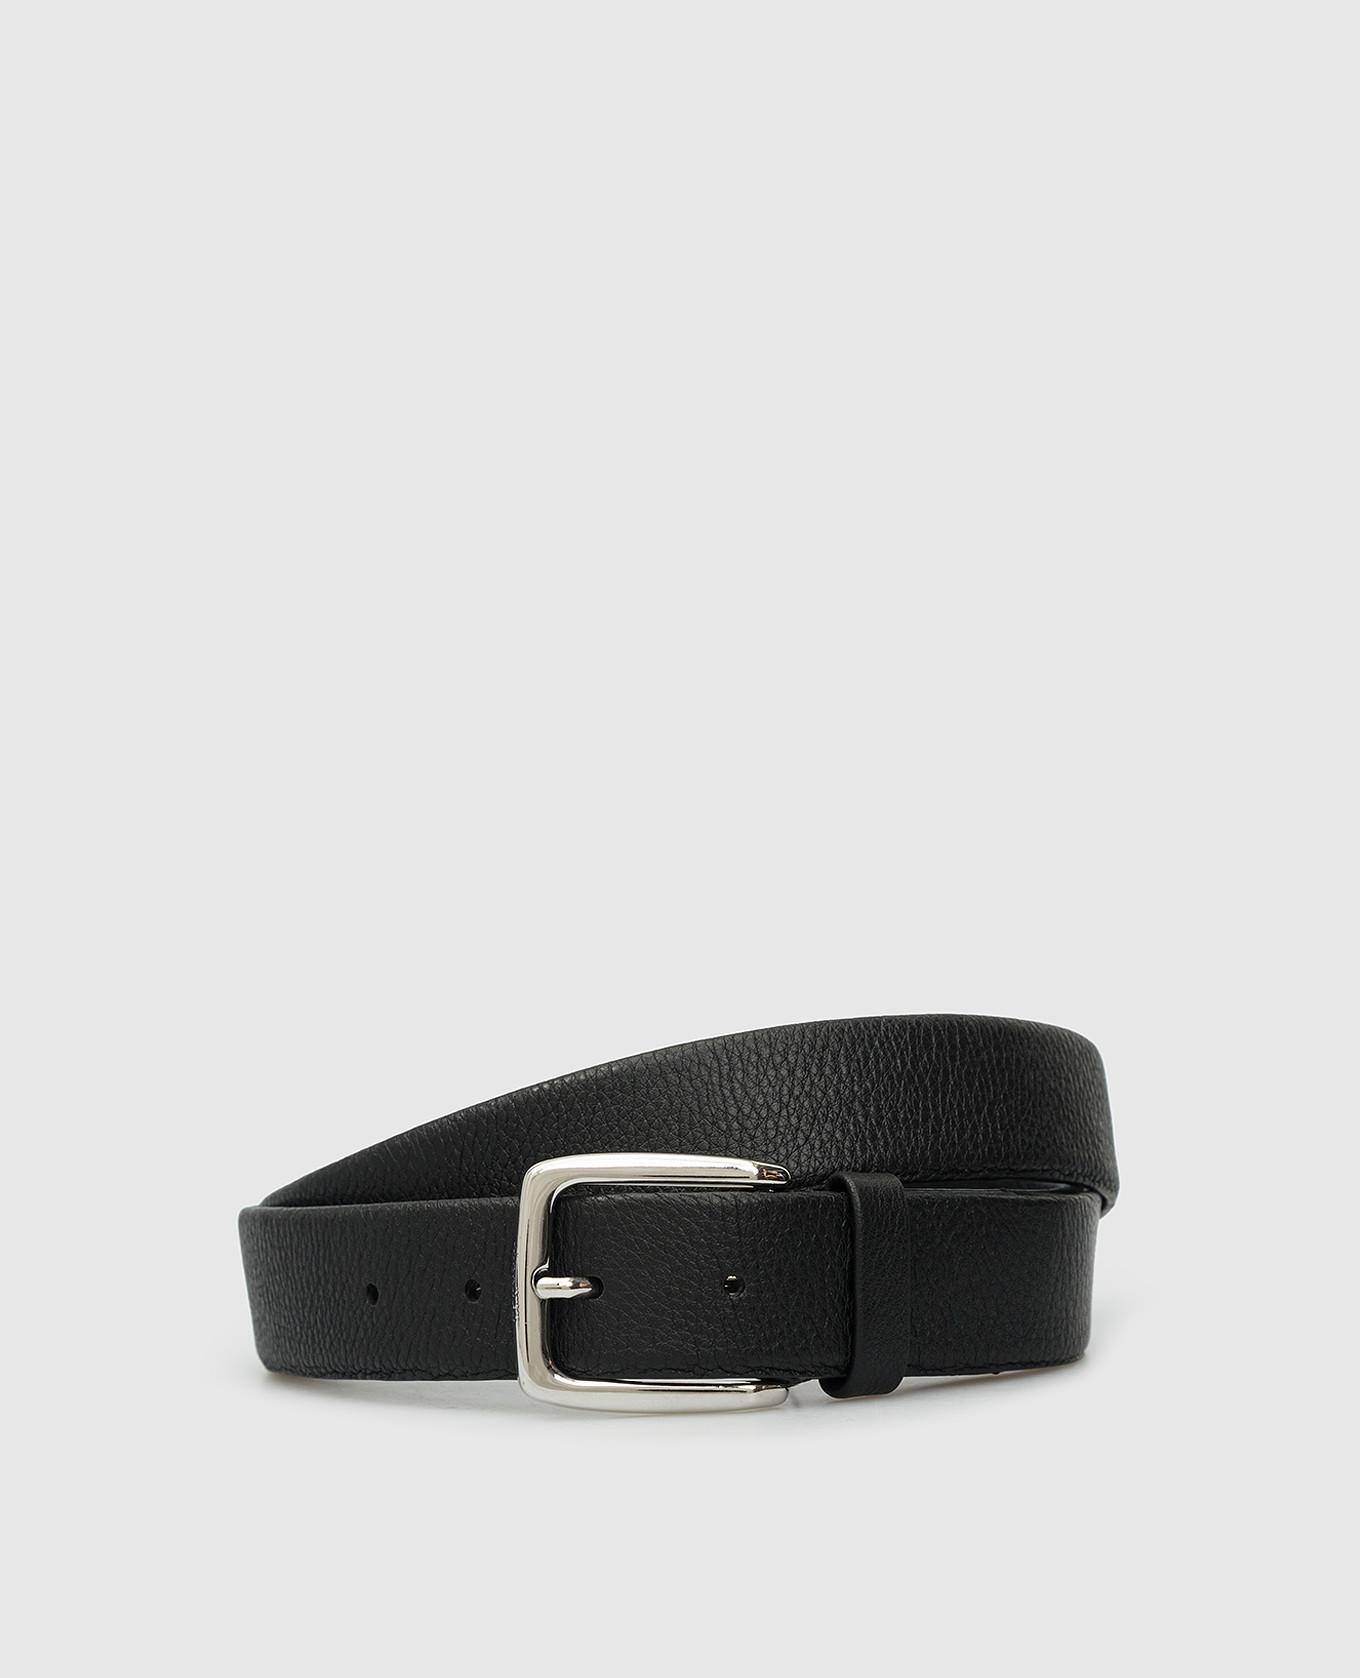 Черный кожаный ремень Tivoli MooRER